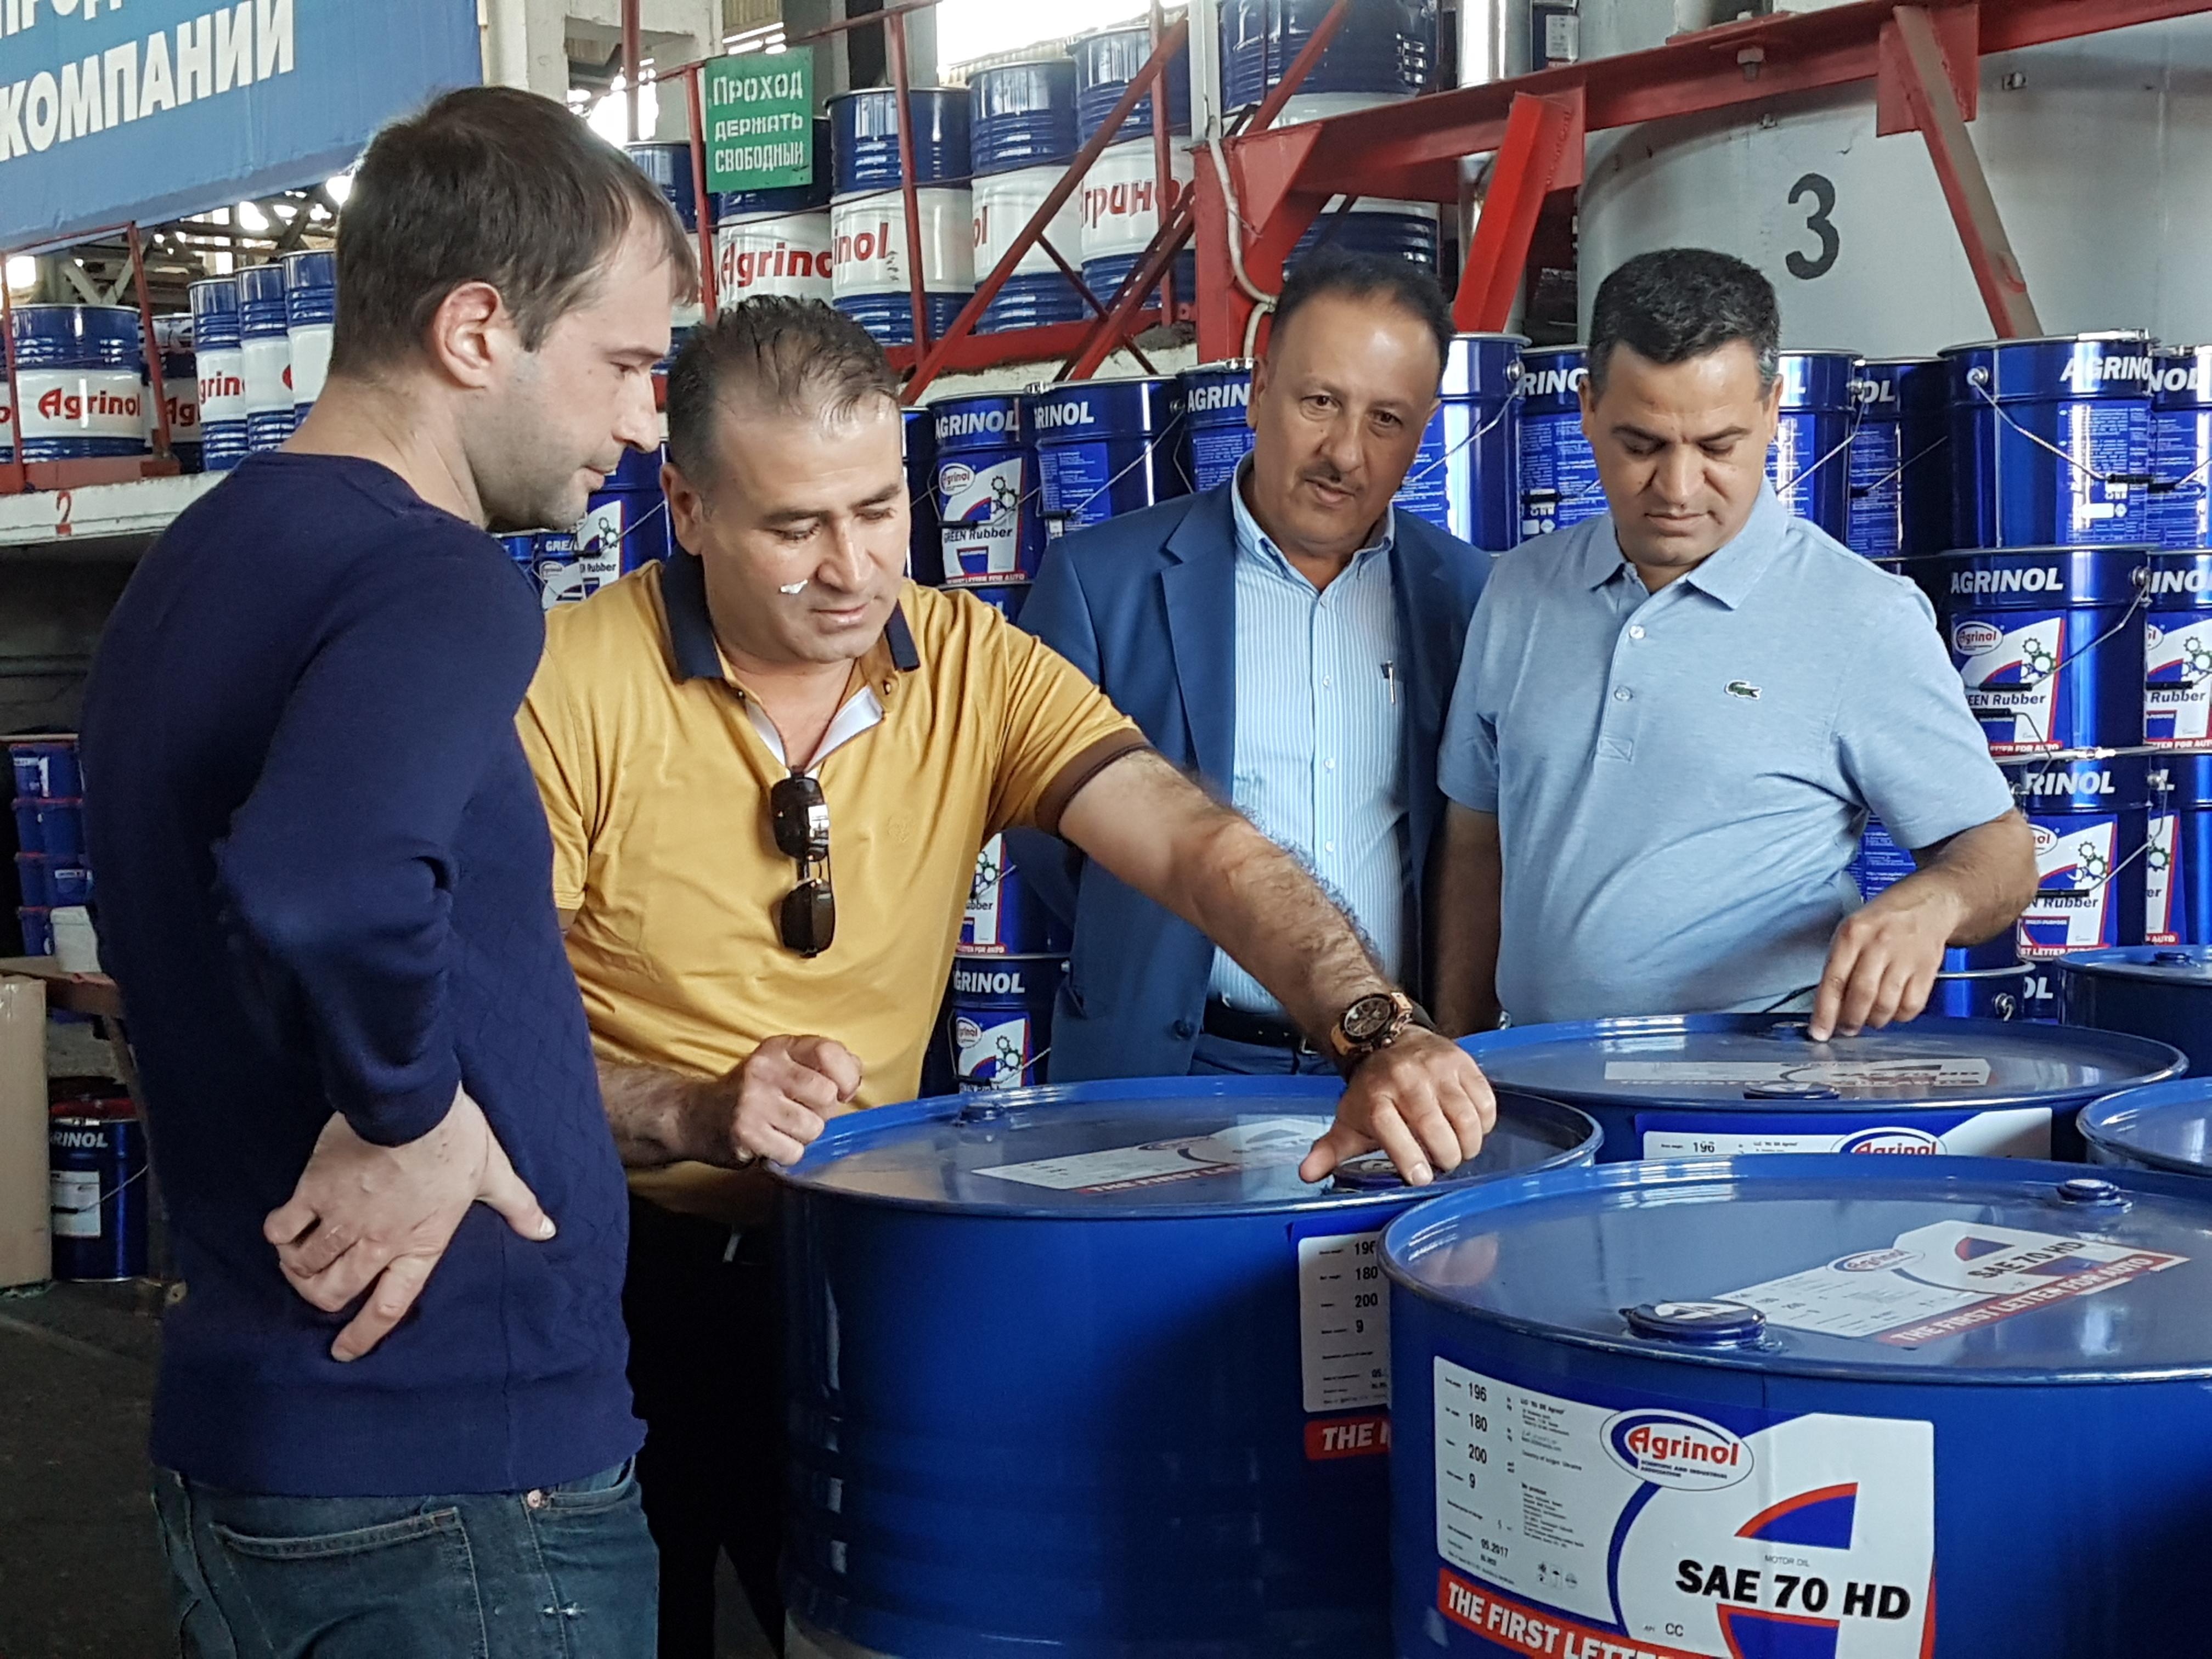 АБизнесмены из Ирака заинтересованы в развитии сотрудничества с бердянским «Агринолом»